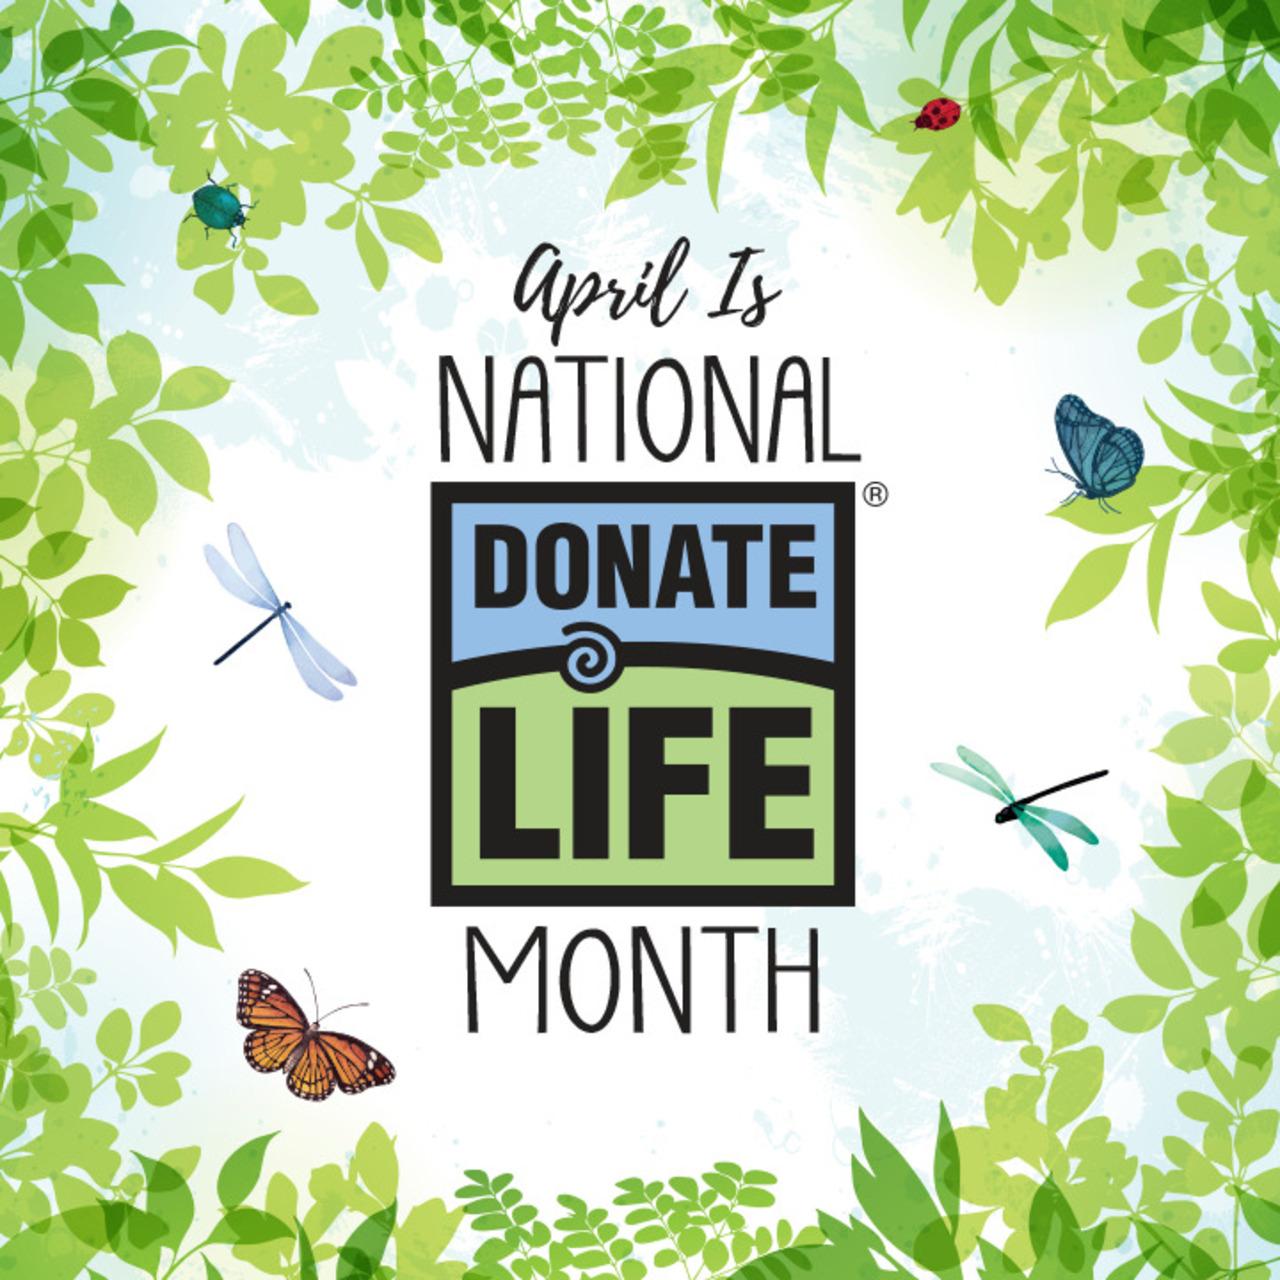 Donate Life Flag Raising Day - Blue & Green Spirit Week 2021